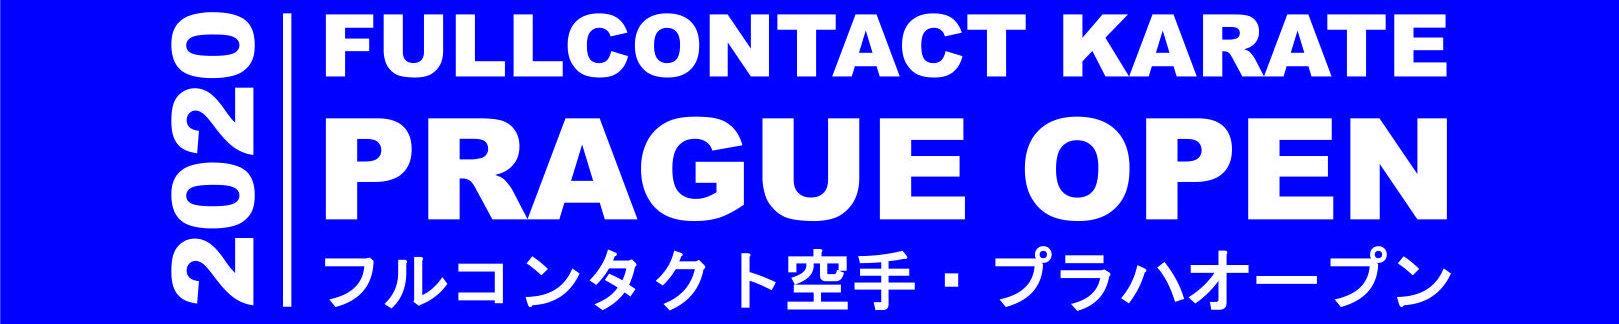 www.pragueopen.info